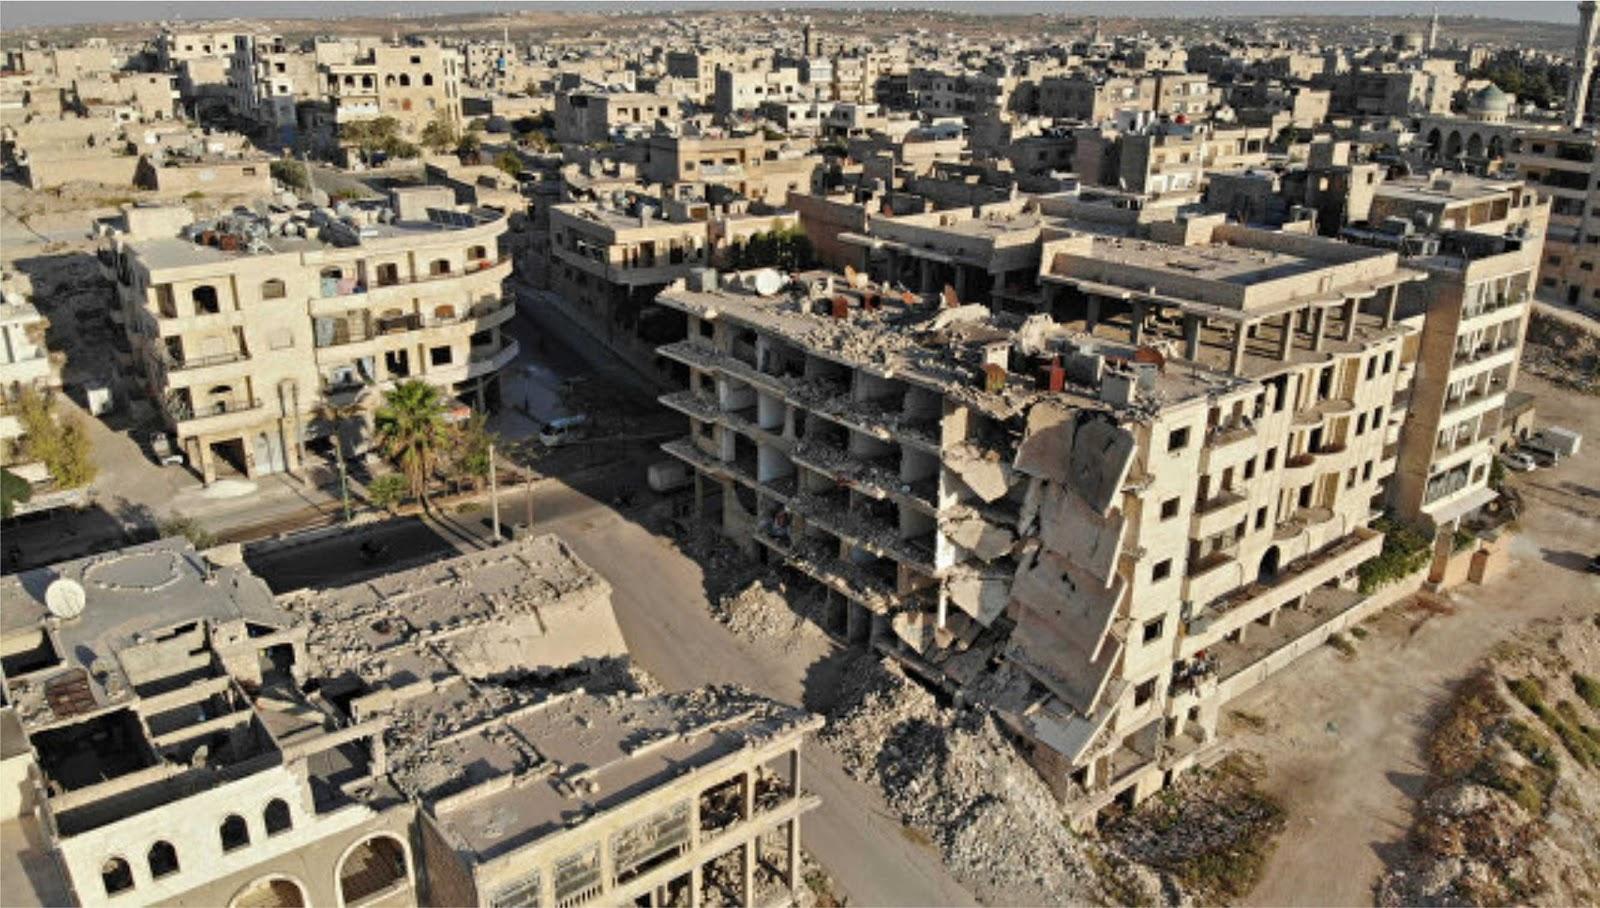 Jerman telah menghabiskan hampir 49 juta euro untuk membantu oposisi di Idlib